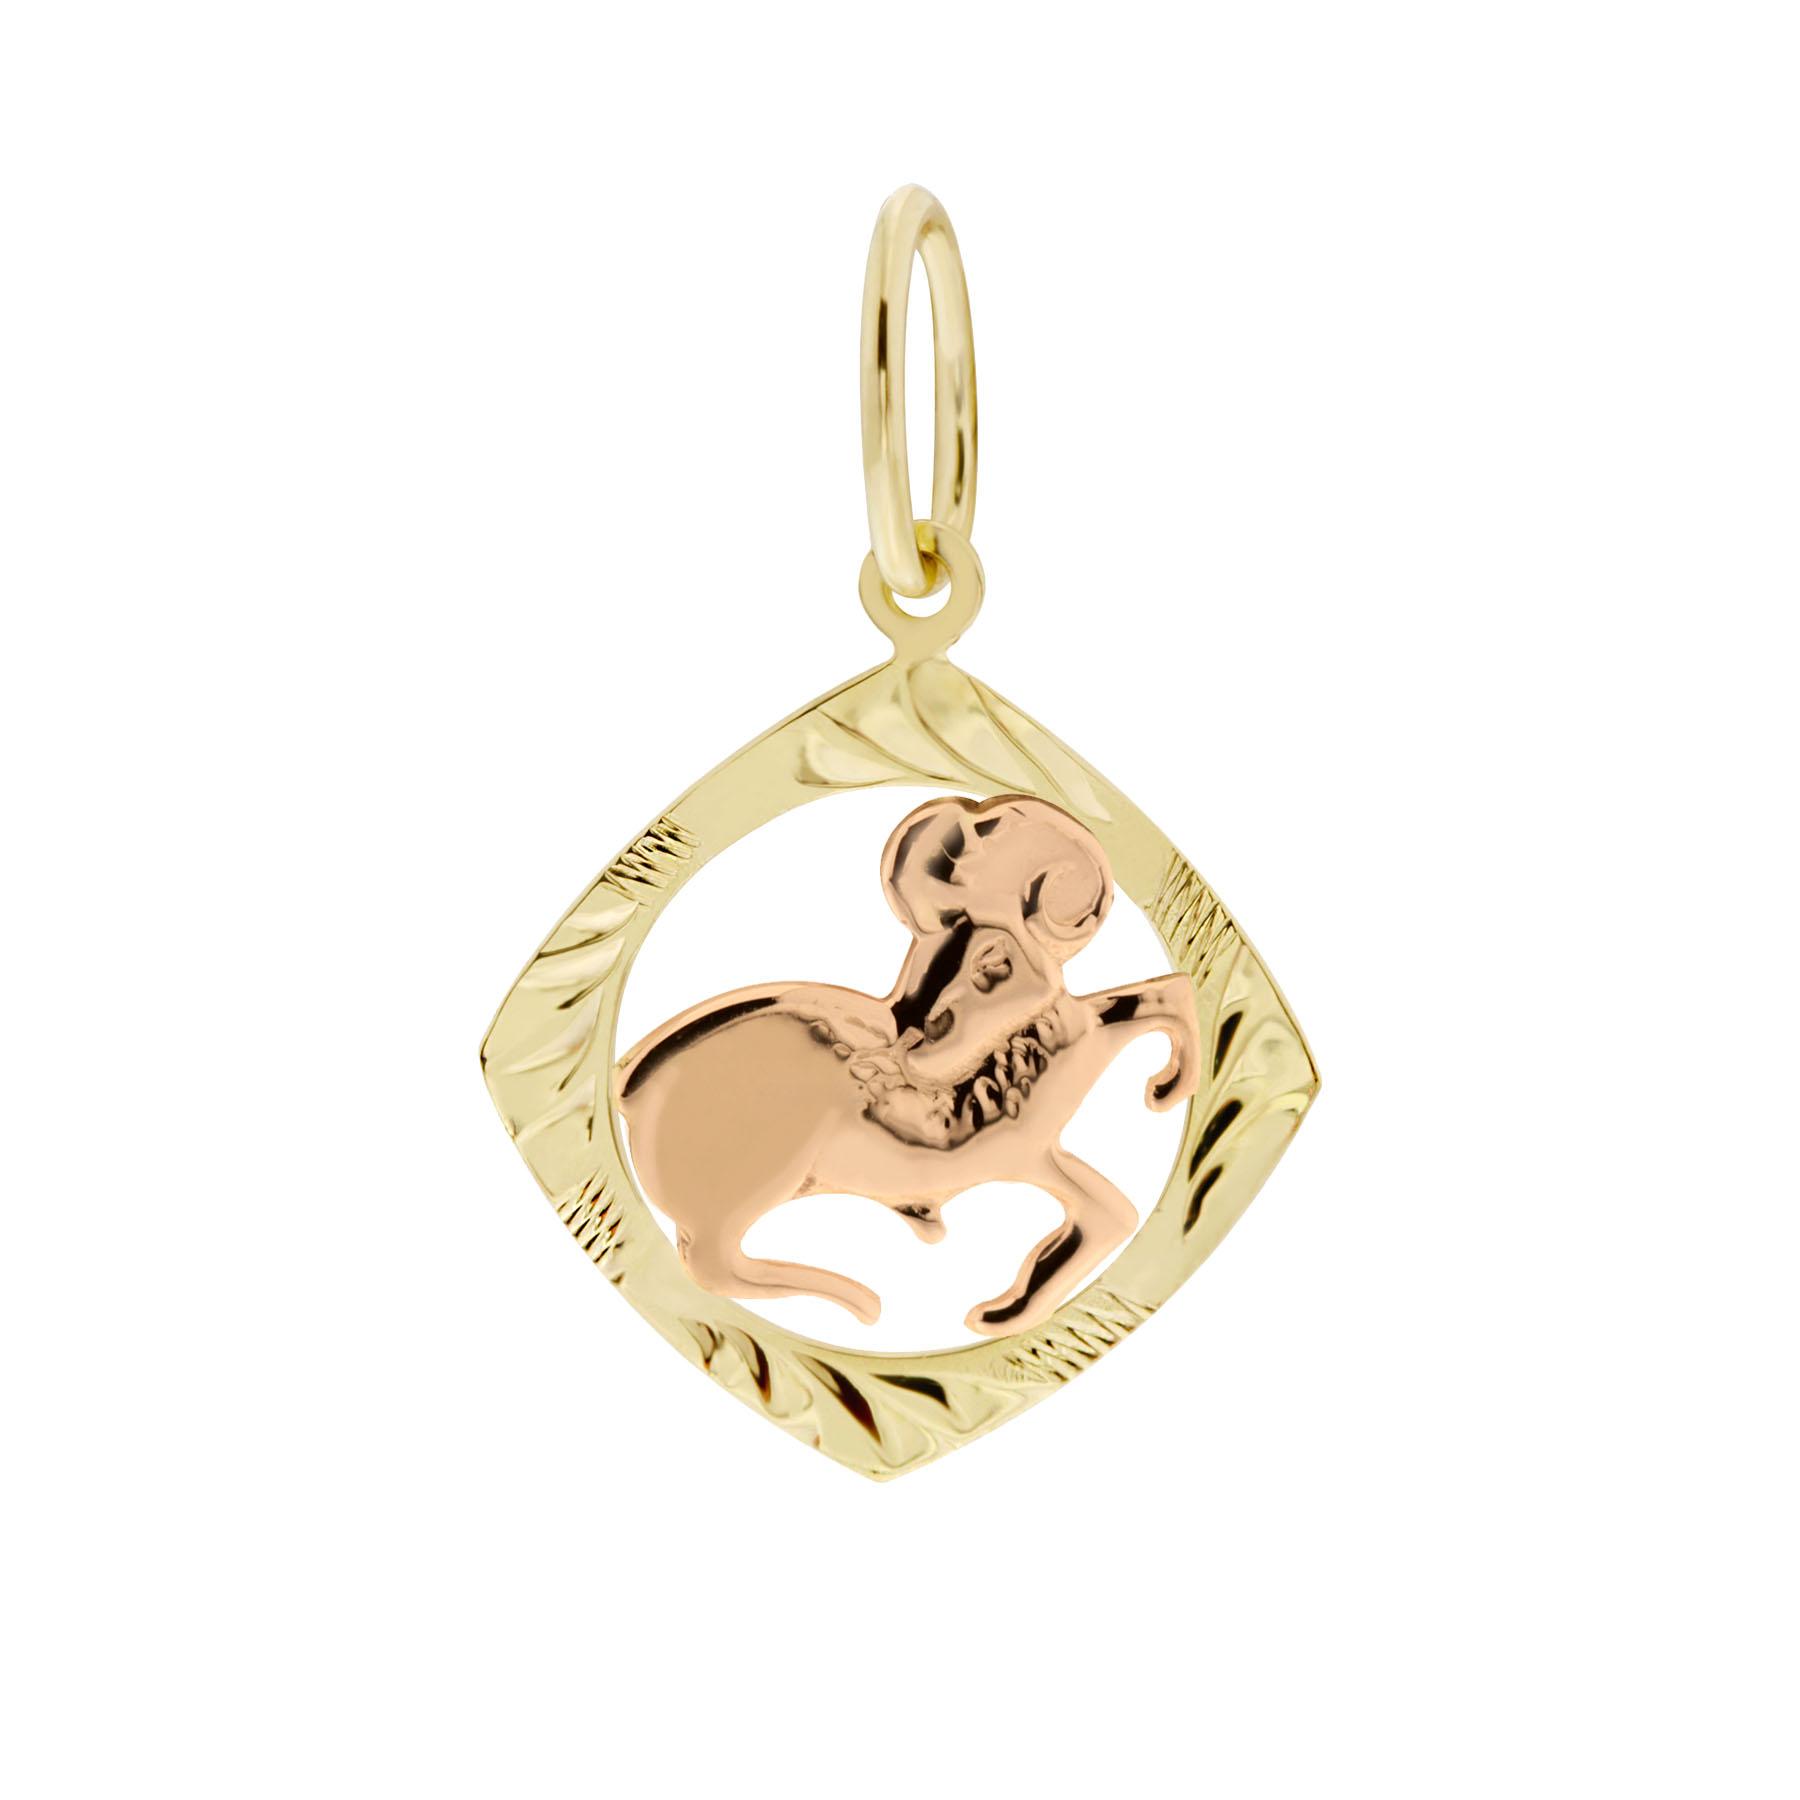 Zlatý přívěsek - znamení zvěrokruhu Beran Tvar: Čtvereček, rytý rámeček